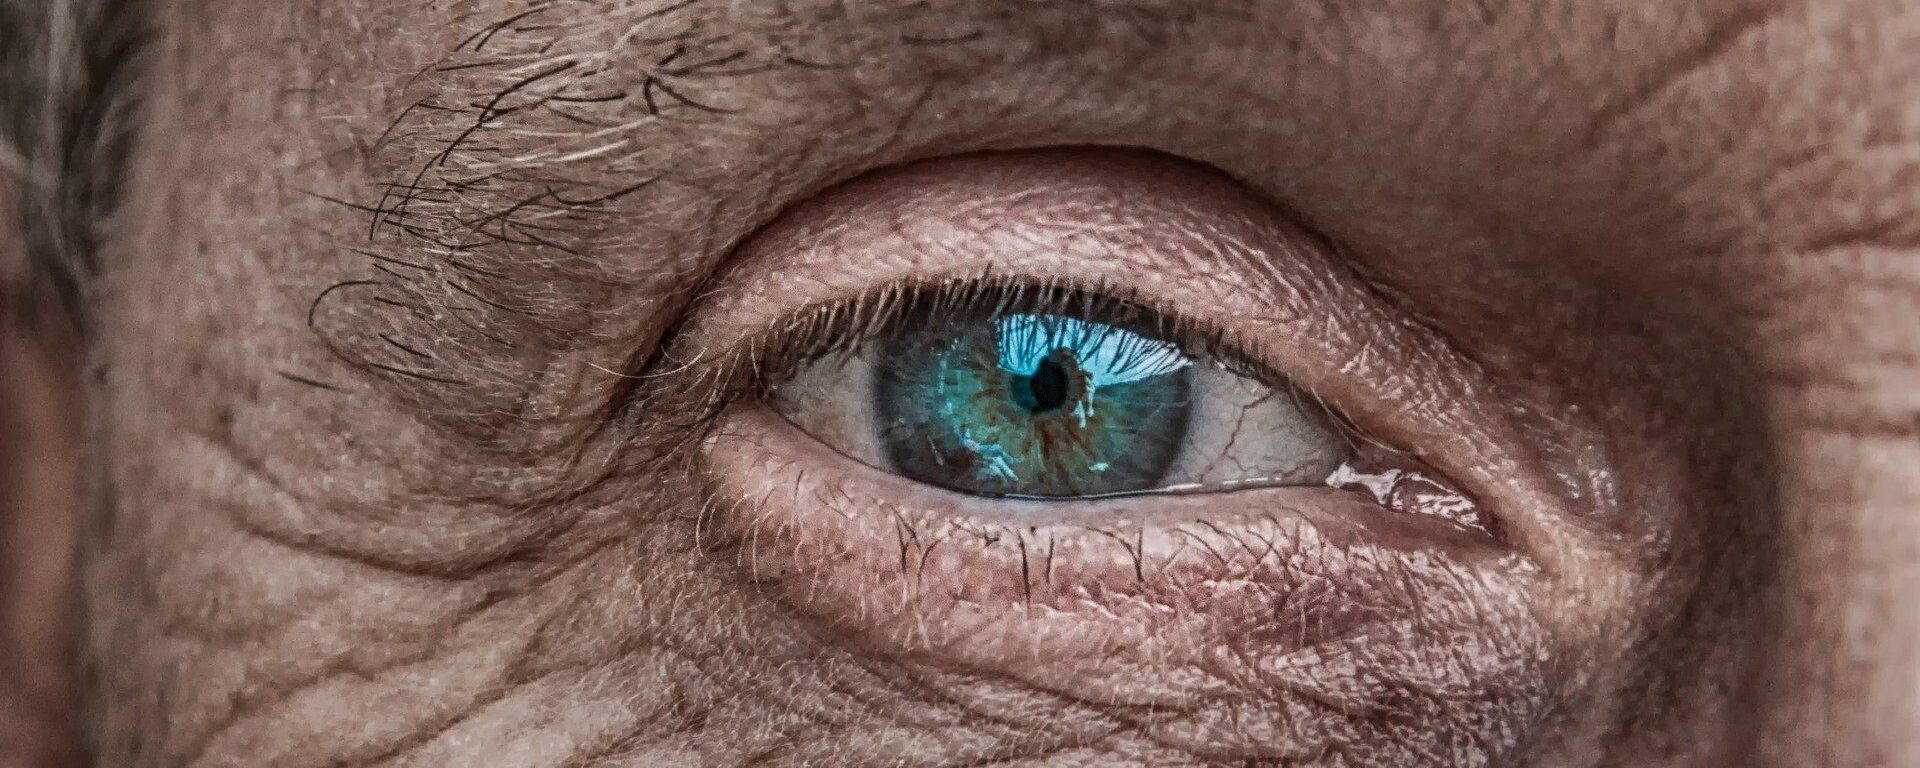 Μάτι ενός άνδρα - Sputnik Ελλάδα, 1920, 26.05.2021